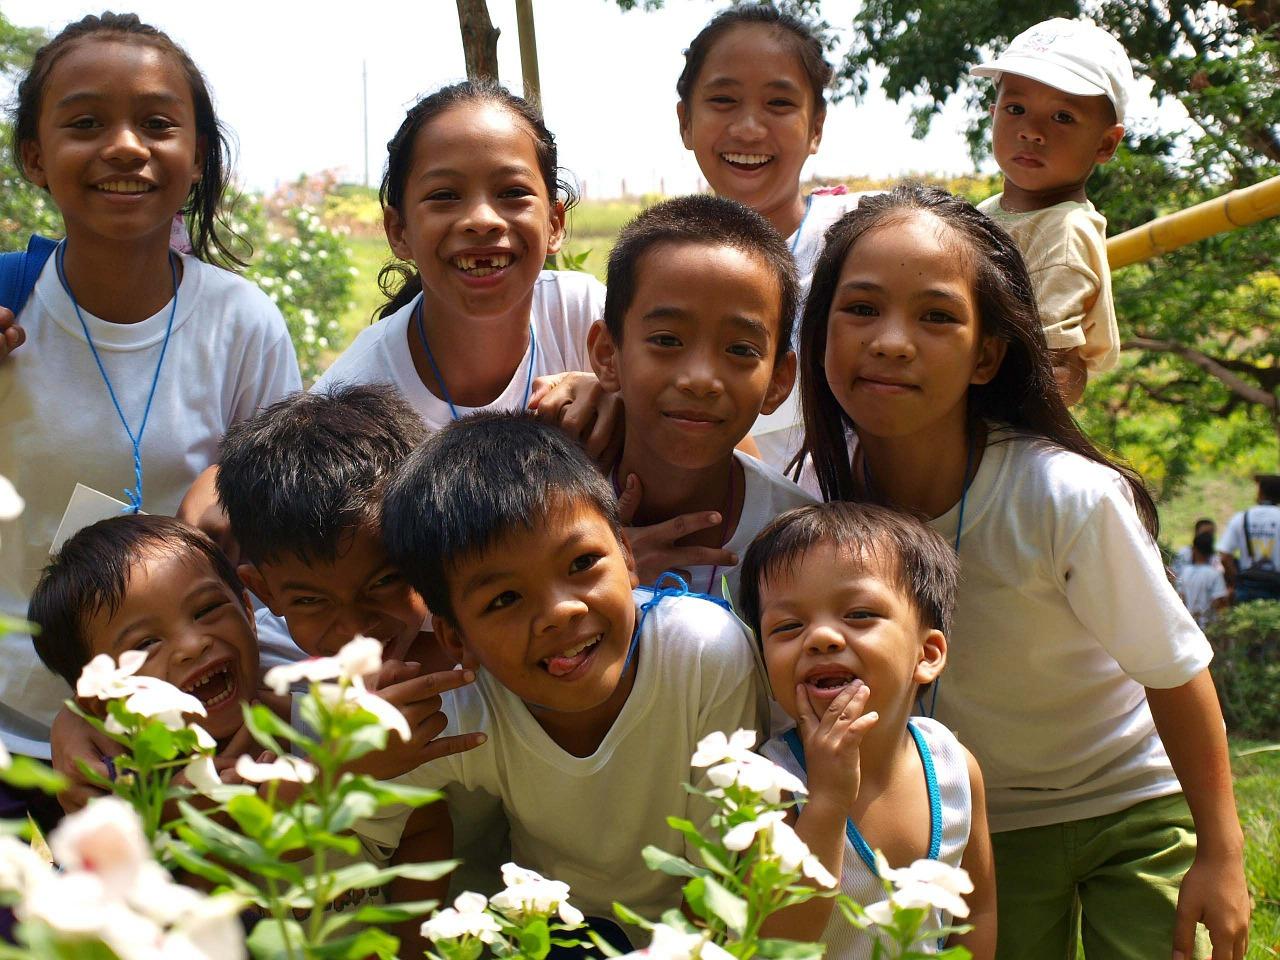 フィリピンの子どもたちへ、適切な英語教育を★プロジェクト